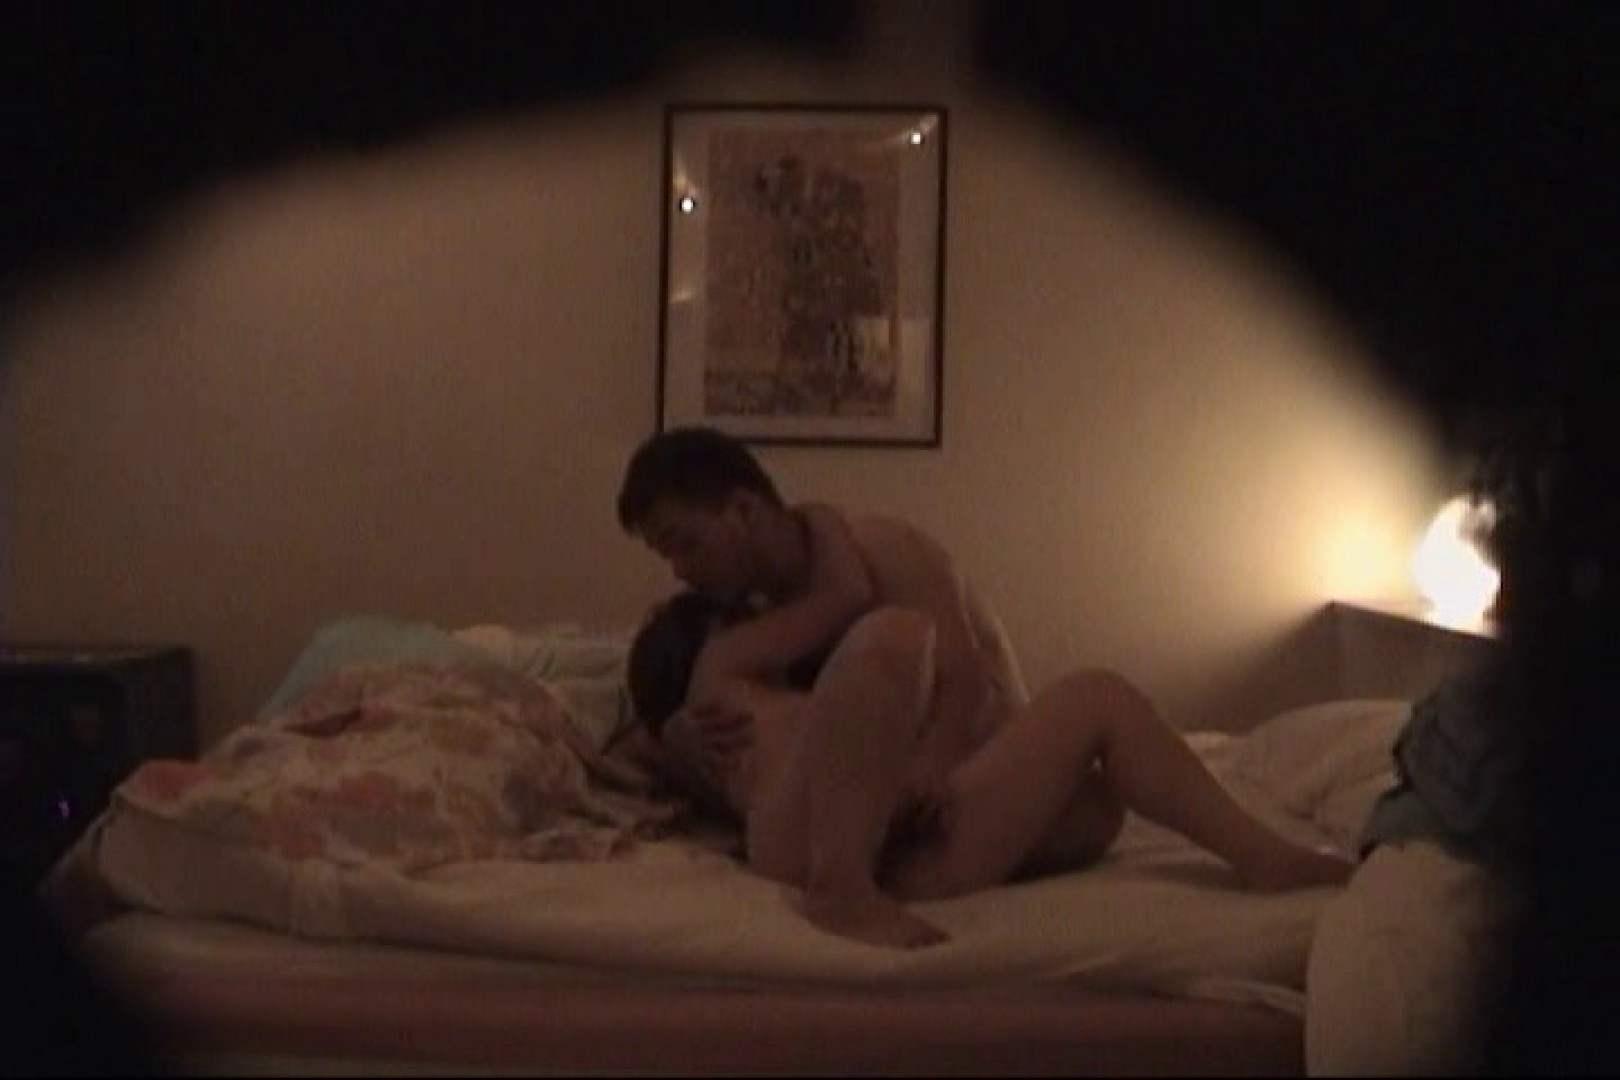 デリ嬢マル秘撮り本物投稿版④ ホテル オメコ無修正動画無料 100pic 43